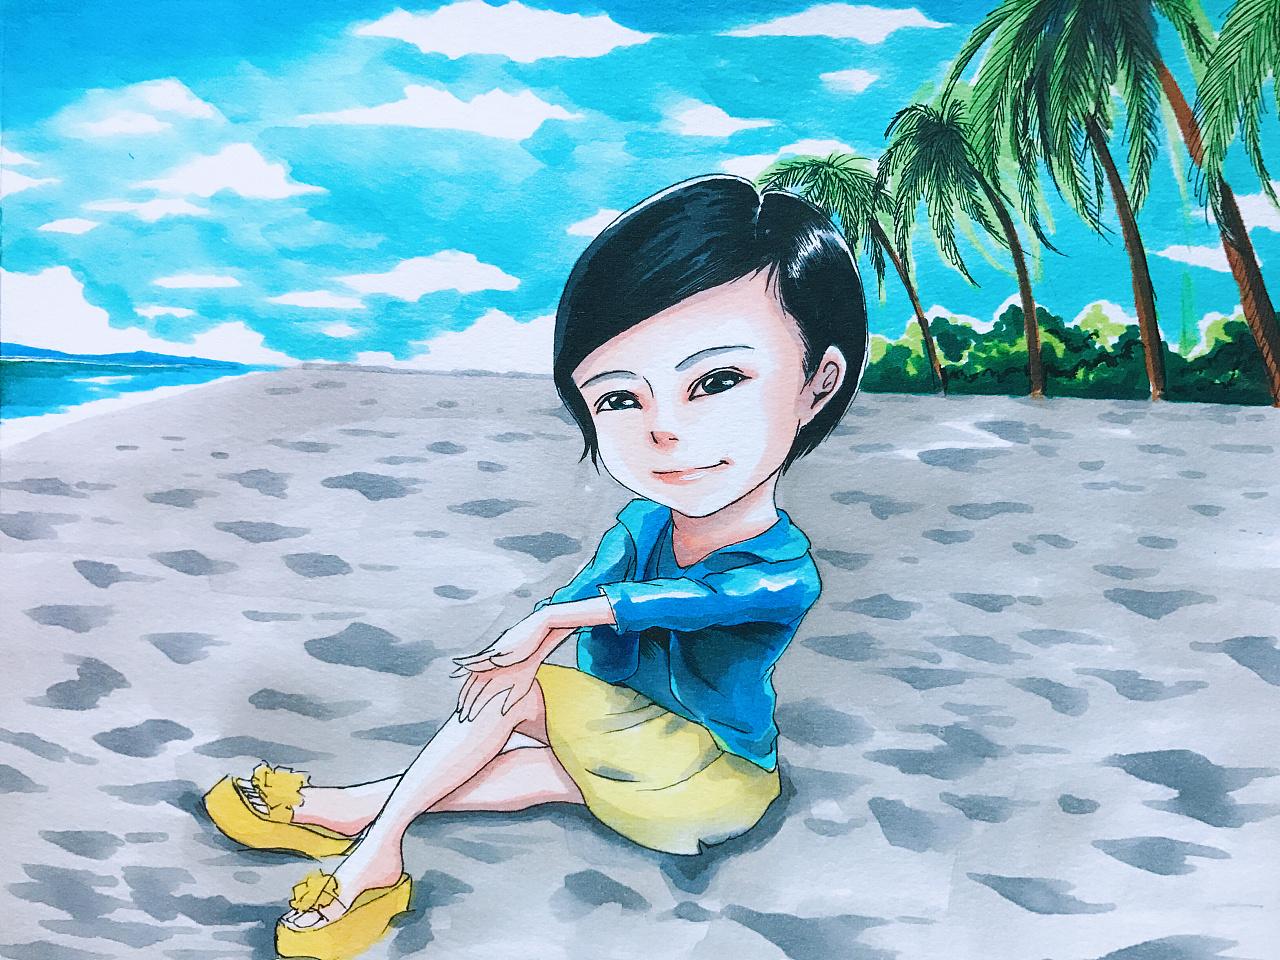 马克笔手绘-海边